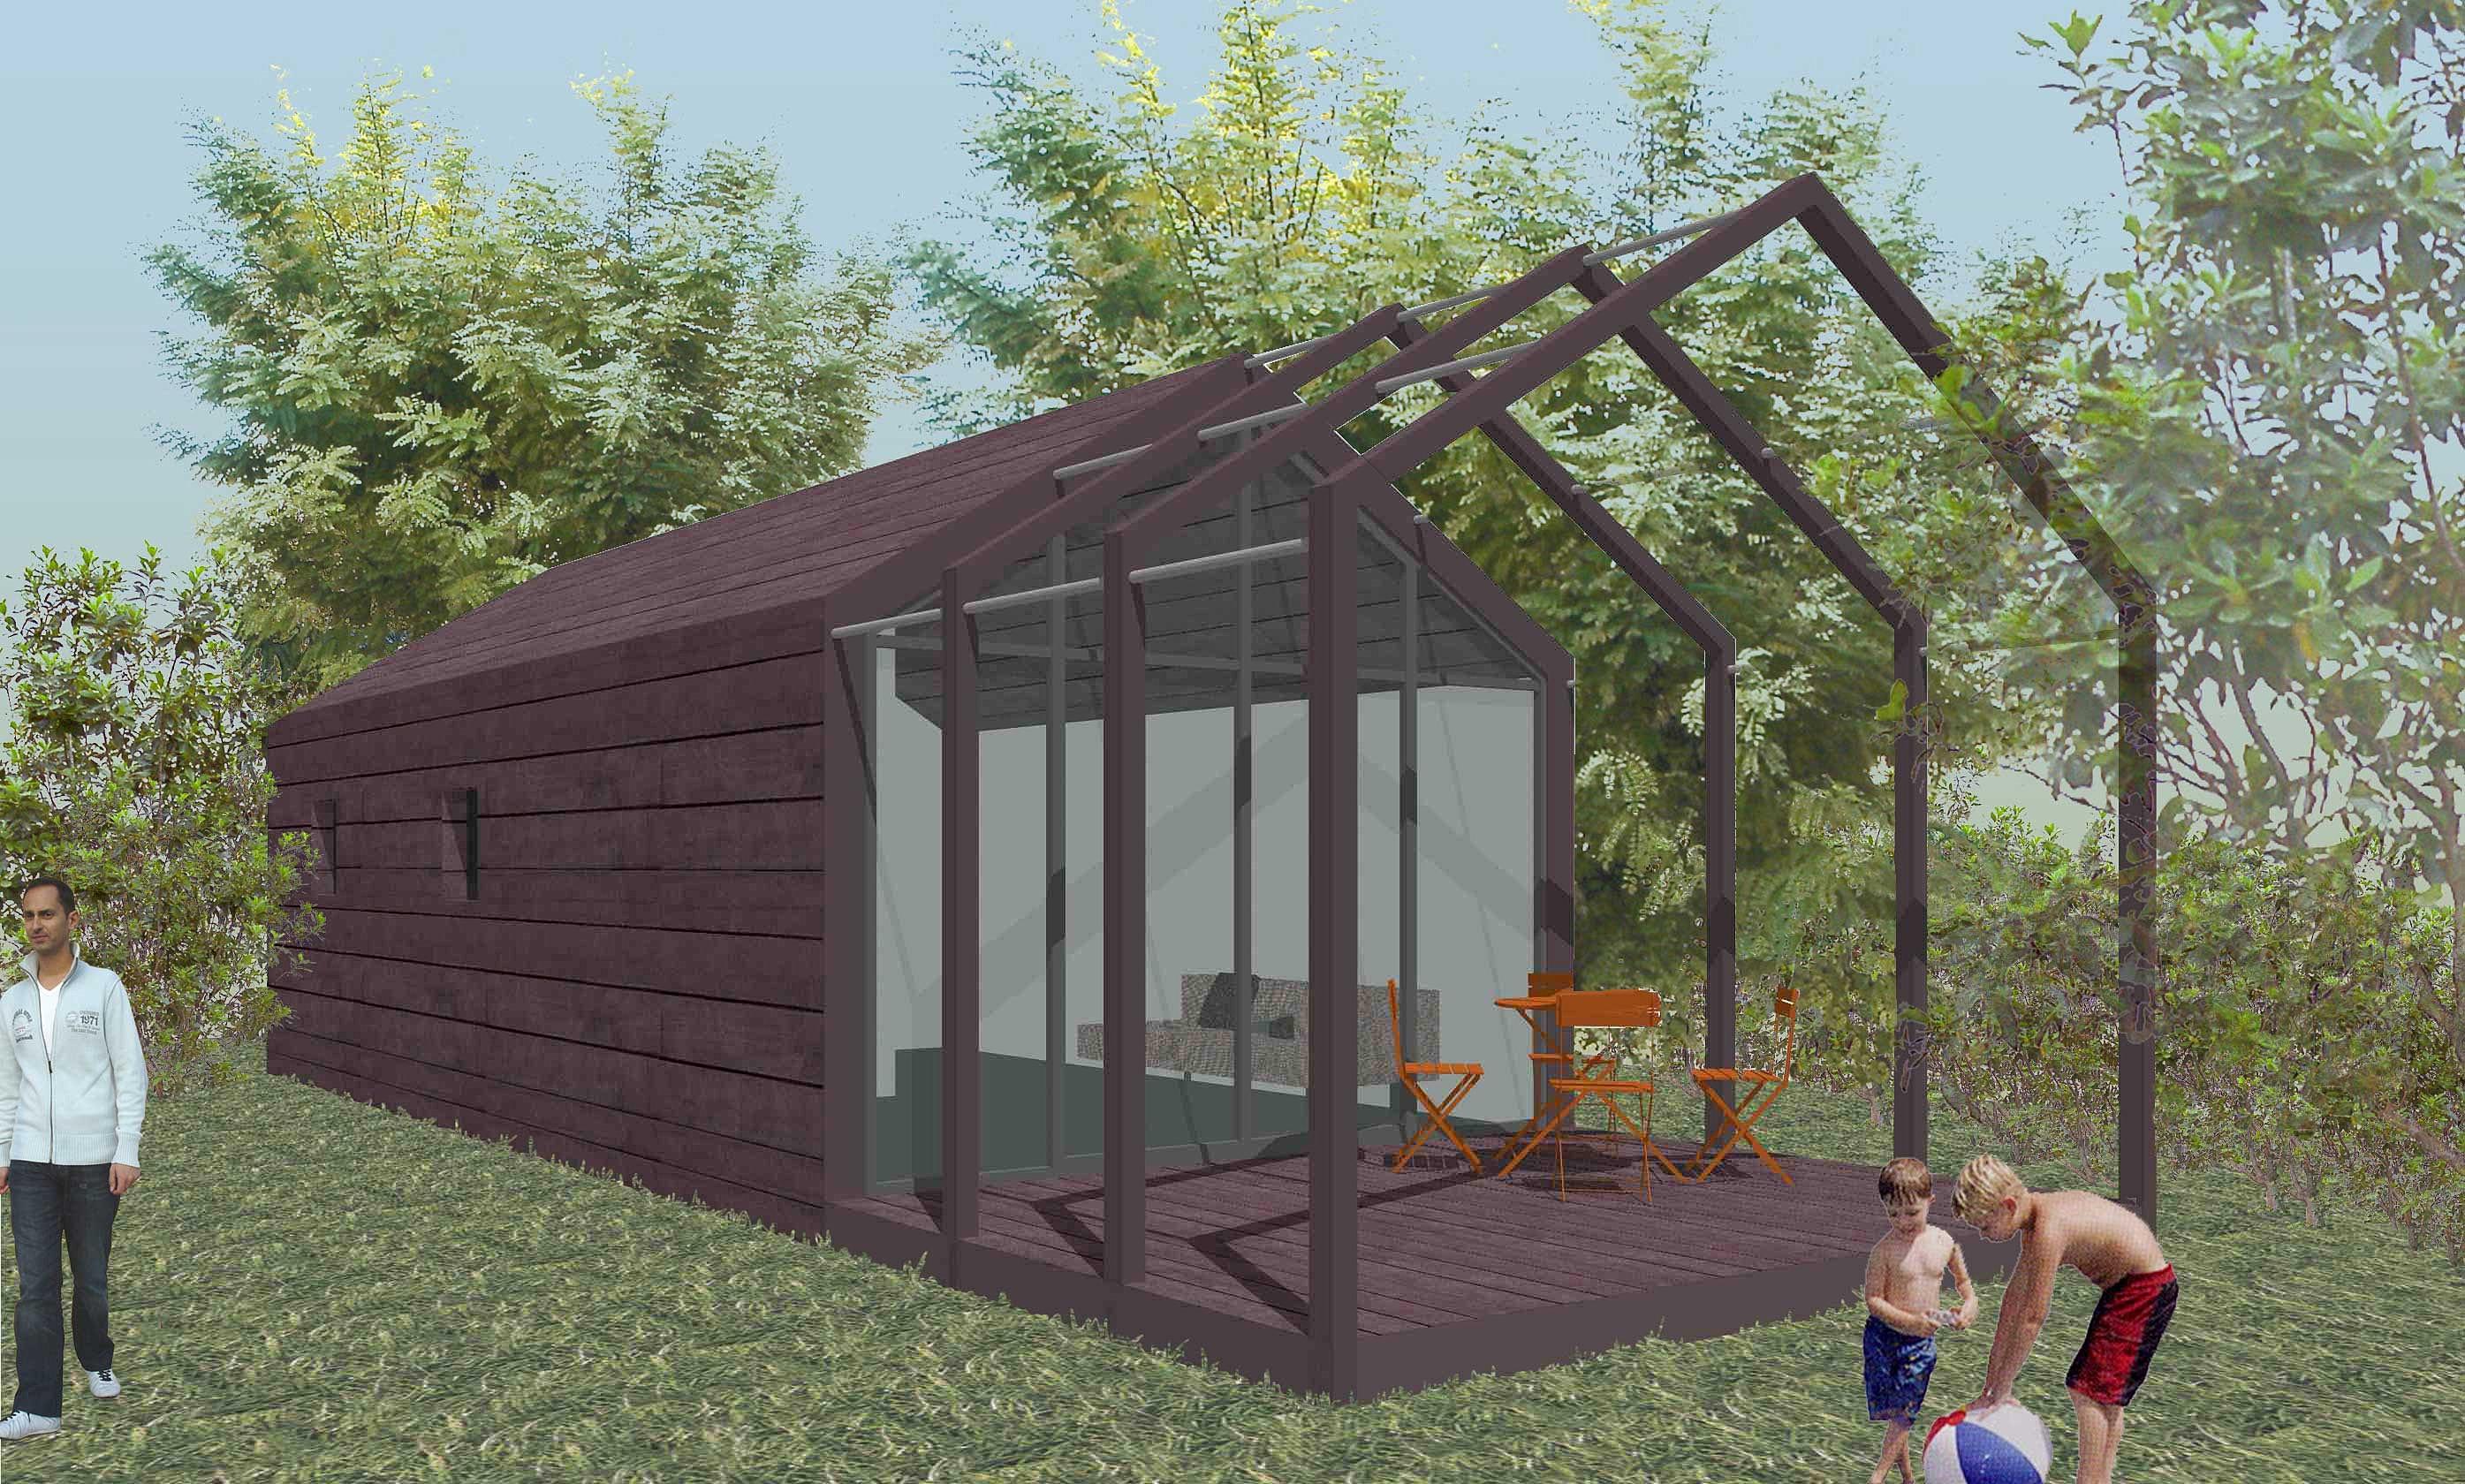 Philippe gonnet architecte avignon habitation l g re de loisir - Habitation de loisirs en bois ...